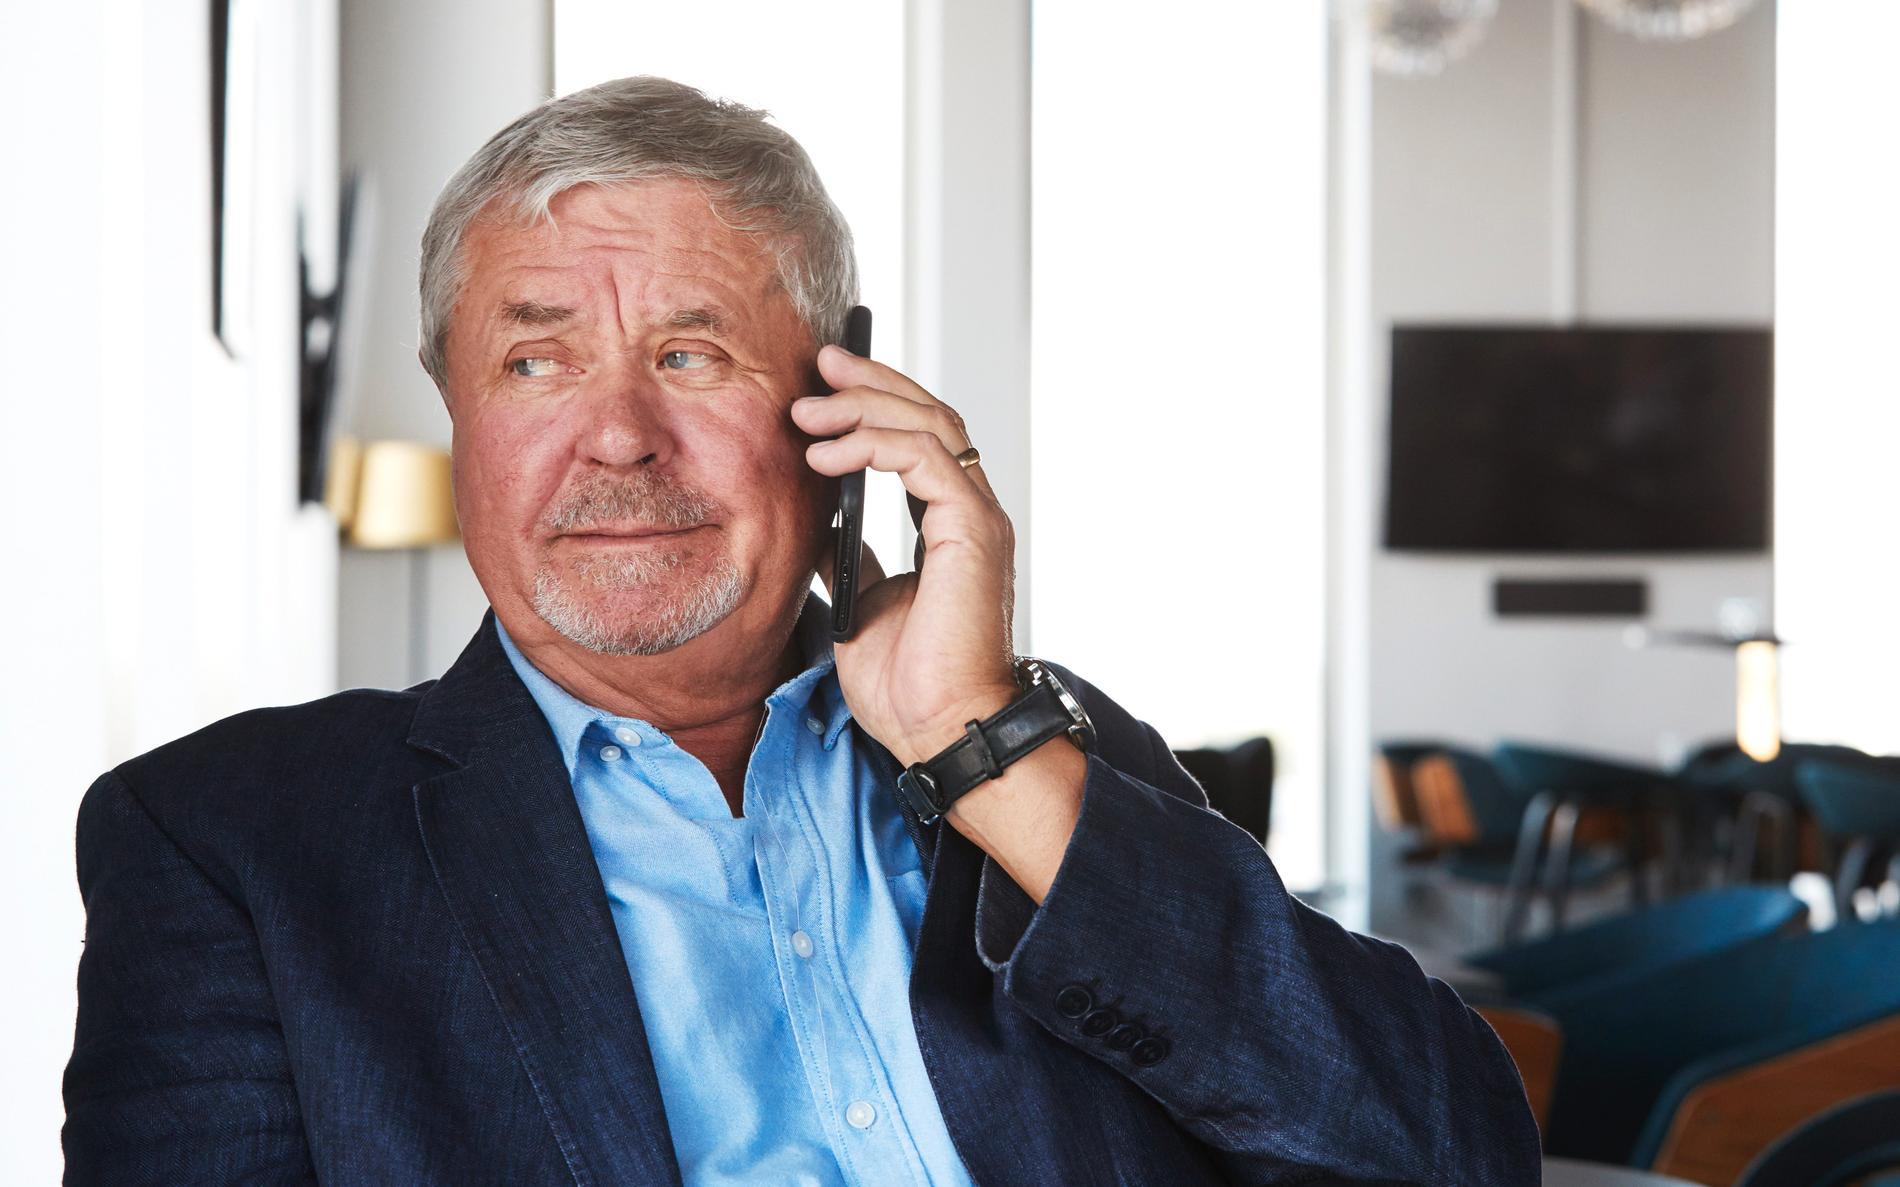 Den skånska näringslivsprofilen Percy Nilsson har åtalats misstänkt för grovt insiderbrott för köp av aktier i fastighetsbolaget Victoria Park våren 2018. Han nekar till brott. Arkivbild.